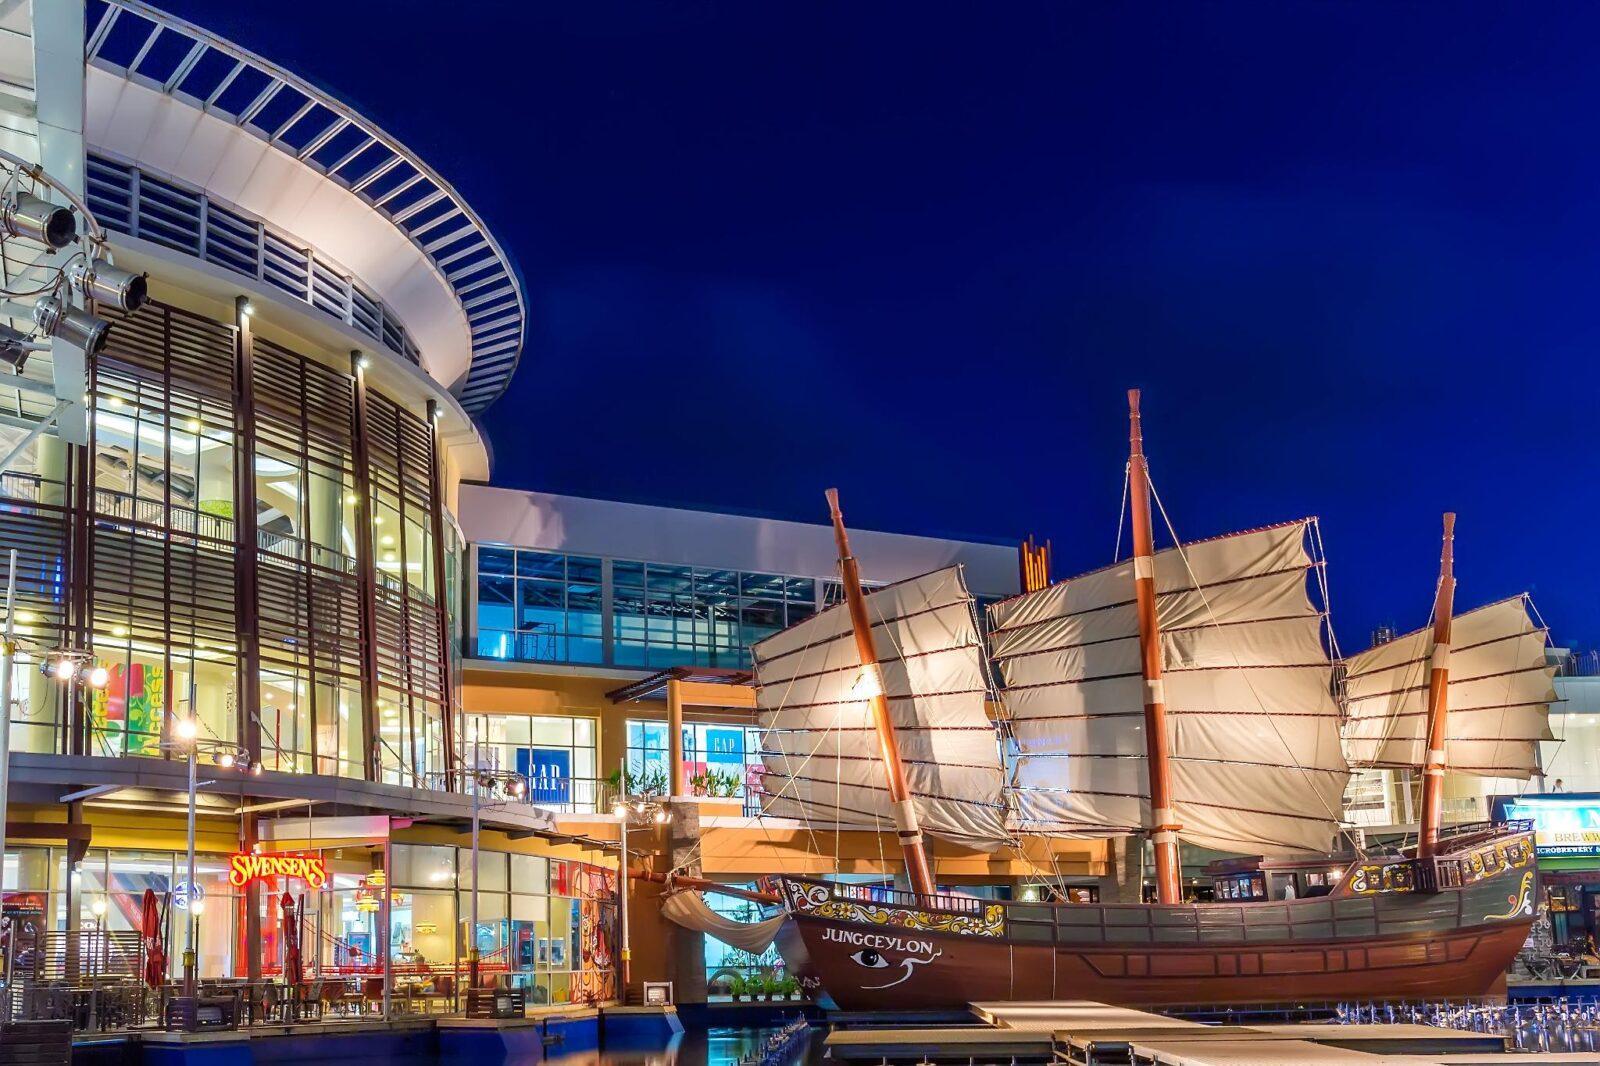 Фотография торгового центра Джанг Цейлон